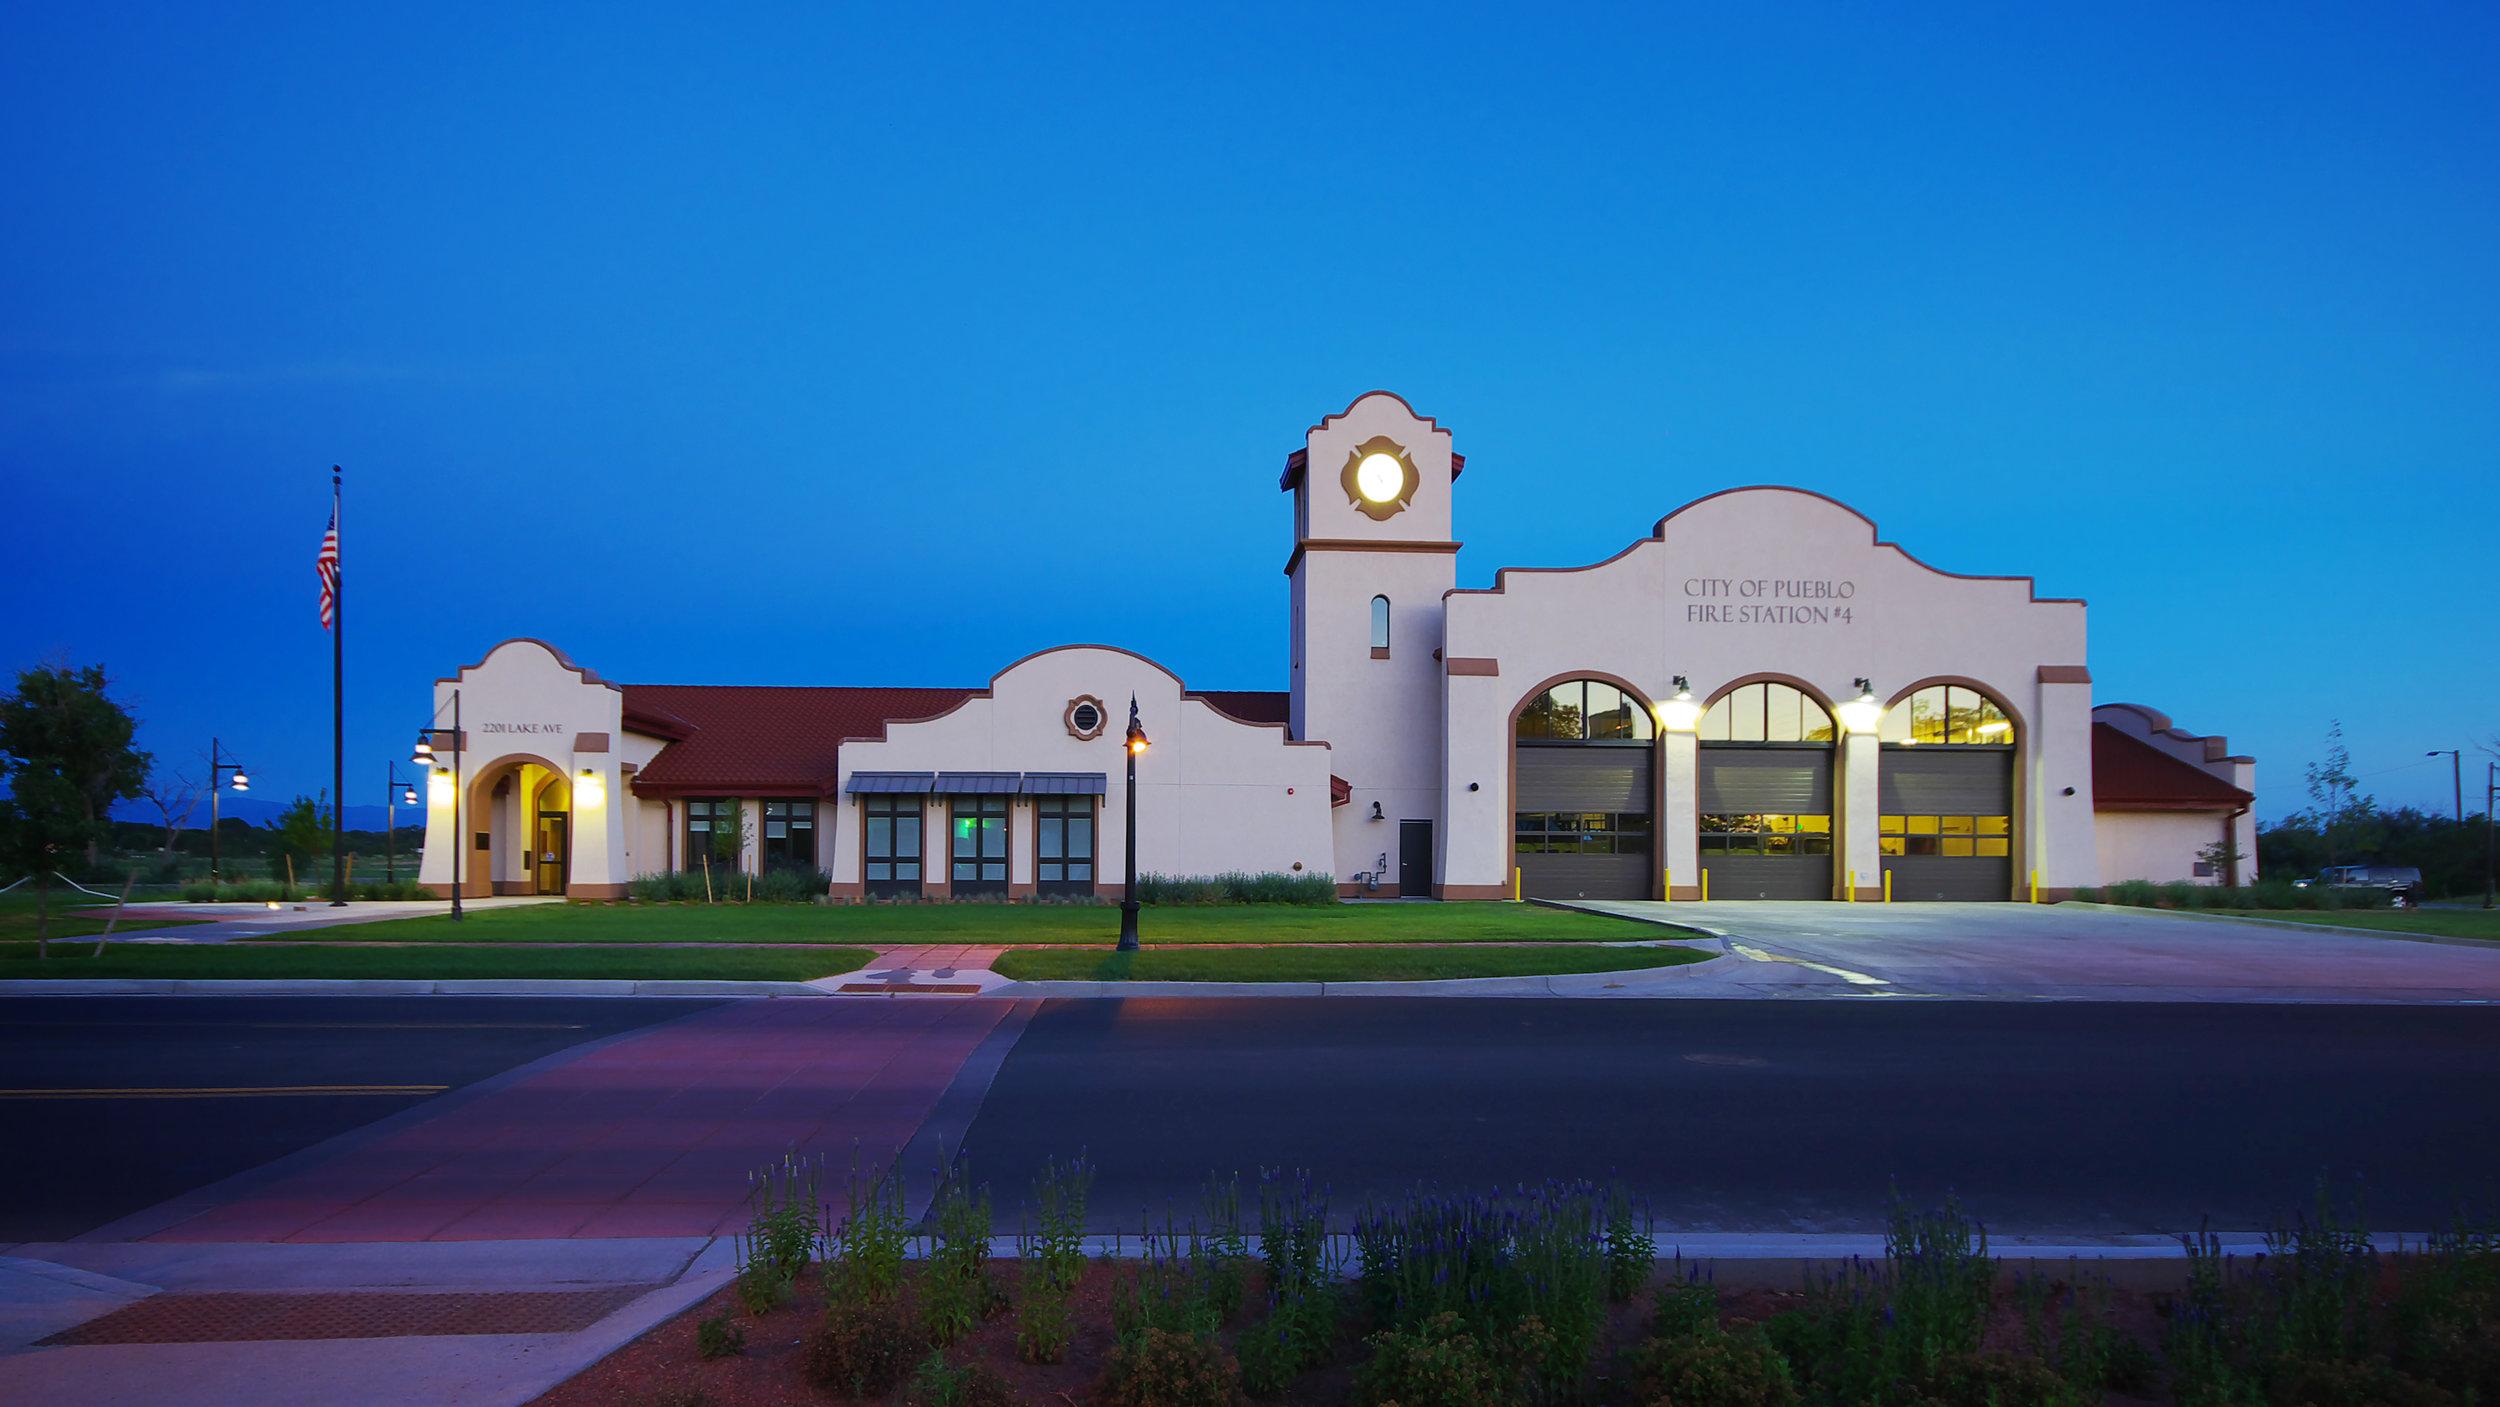 Pueblo Fire Station_Photo 2.jpg